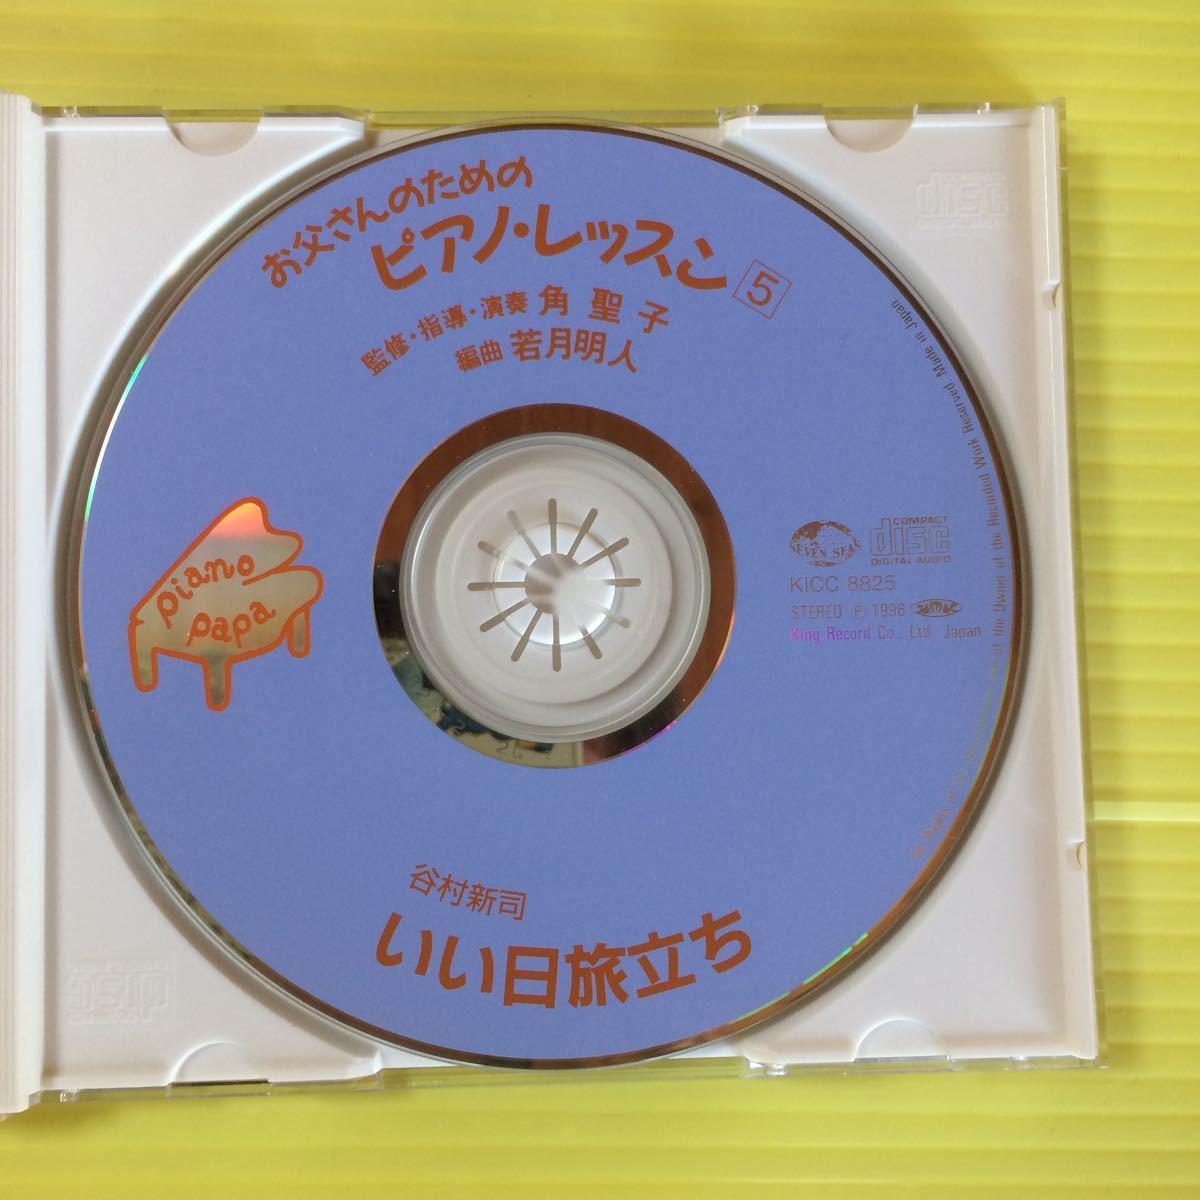 ● ほら,弾けた!お父さんのためのピアノ・レッスン 5 いい日旅立ち(CD)【型番号】KICC-8825_画像4